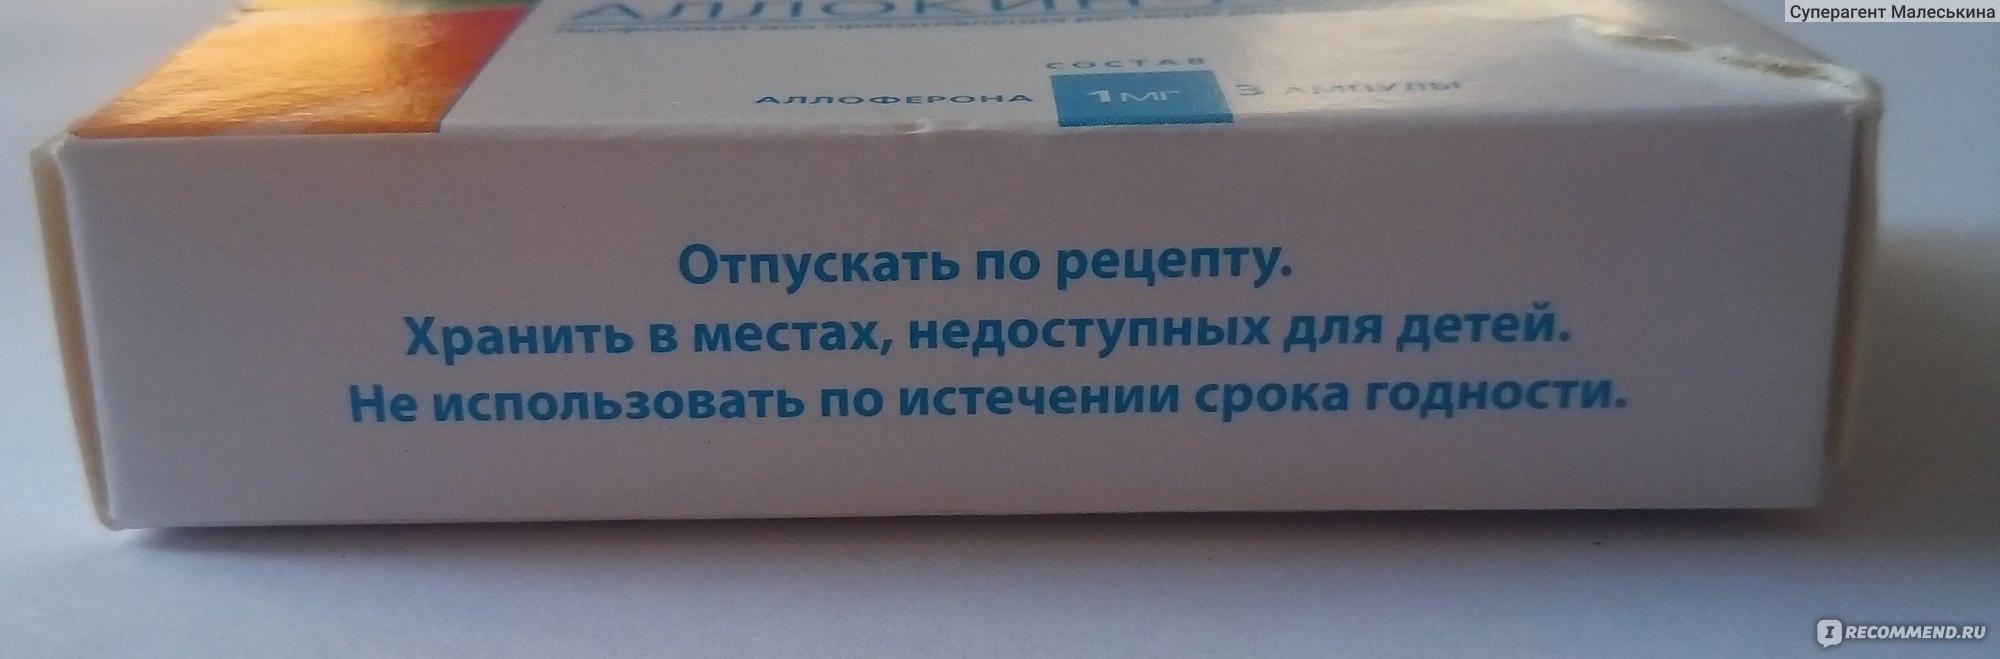 Аллокин-альфа - аллокин альфа отзывы - запись пользователя татьяна (tadevina) в сообществе зачатие в категории медикаменты, витамины, травы - babyblog.ru